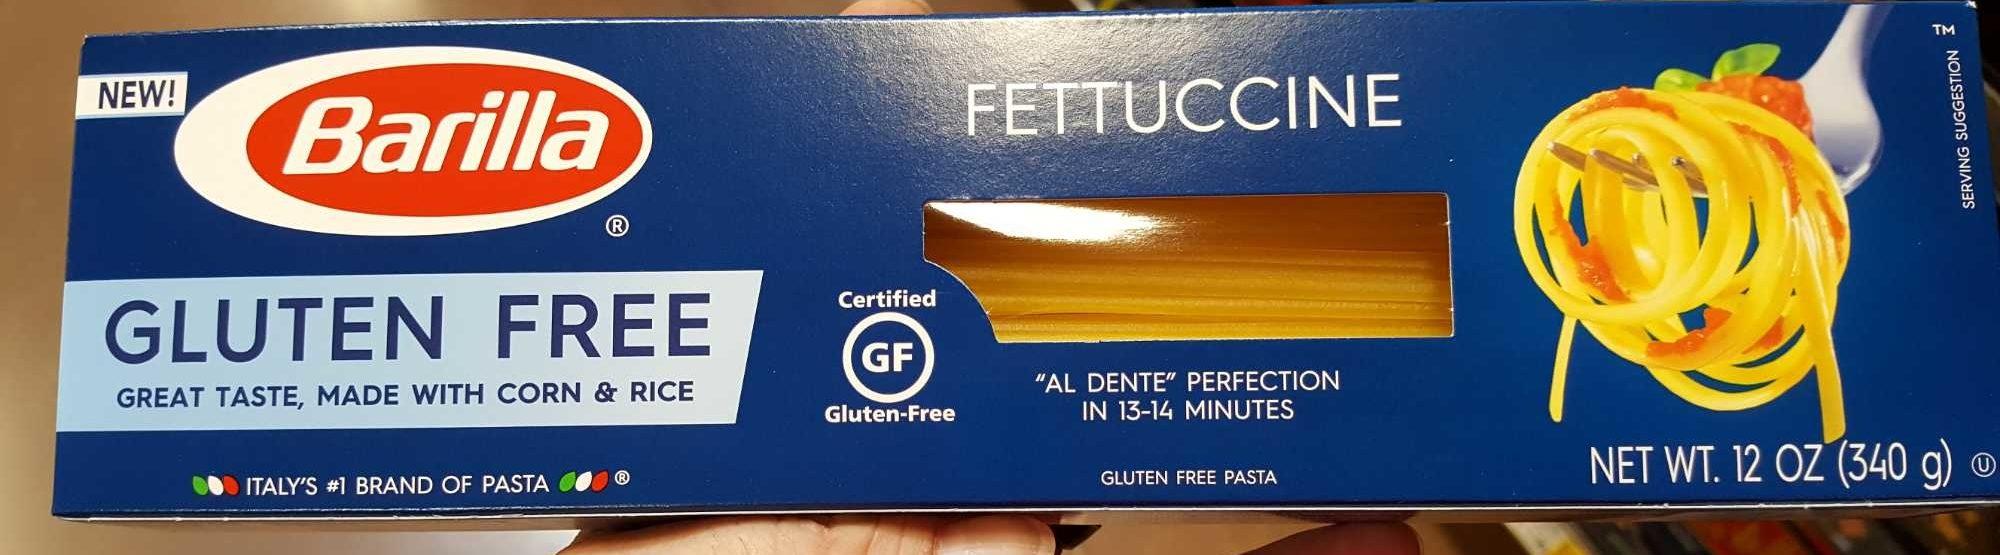 Gluten free Fettuccine - Product